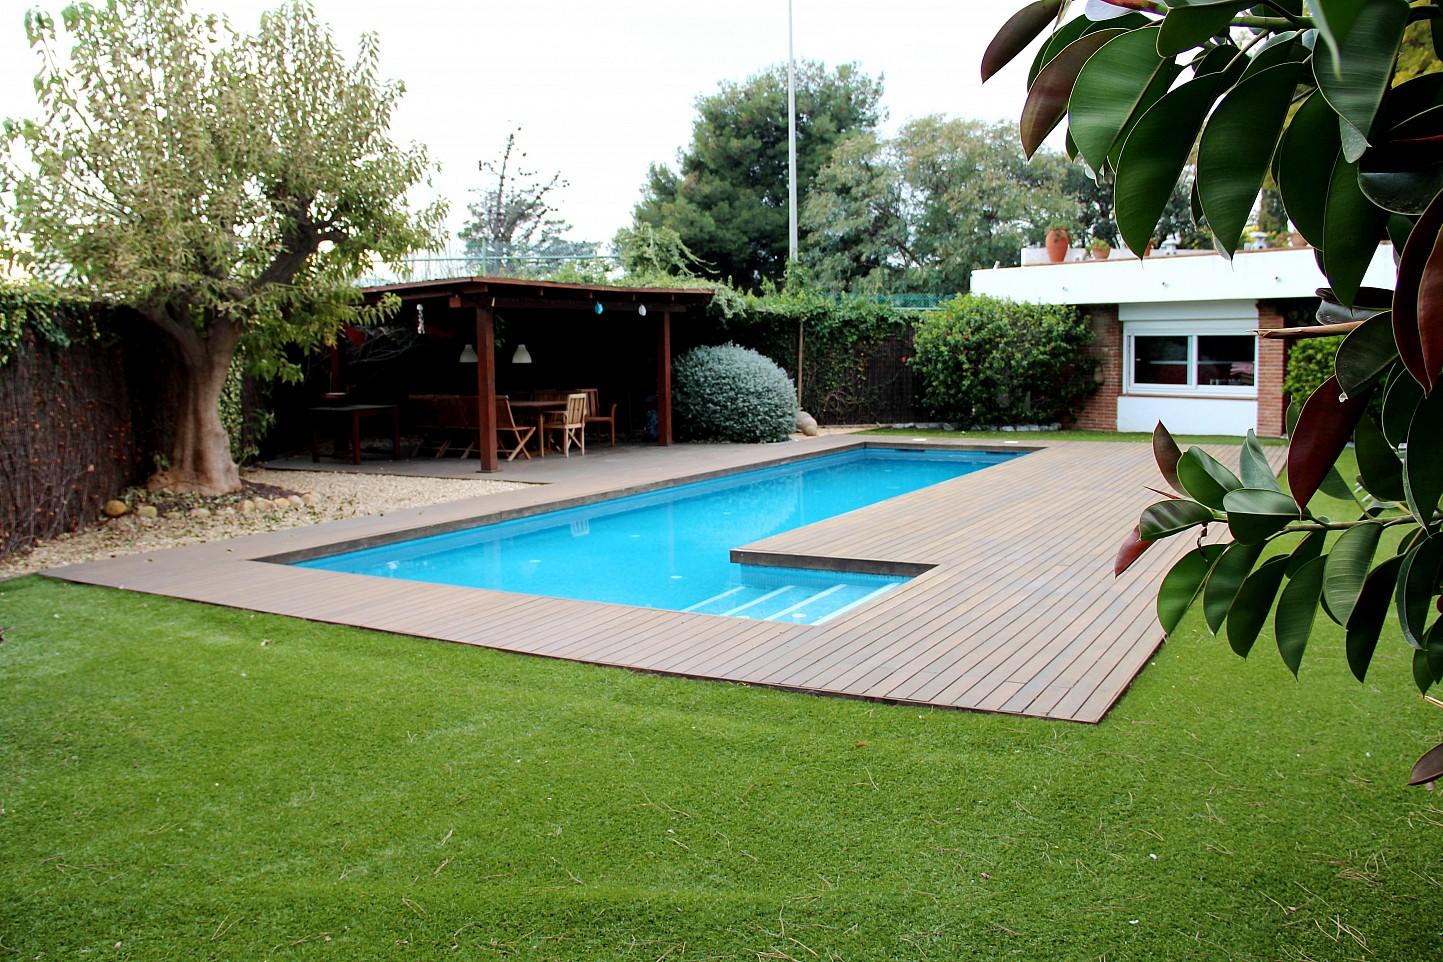 Casa en venta en el masnou oi realtor for Piscina masnou